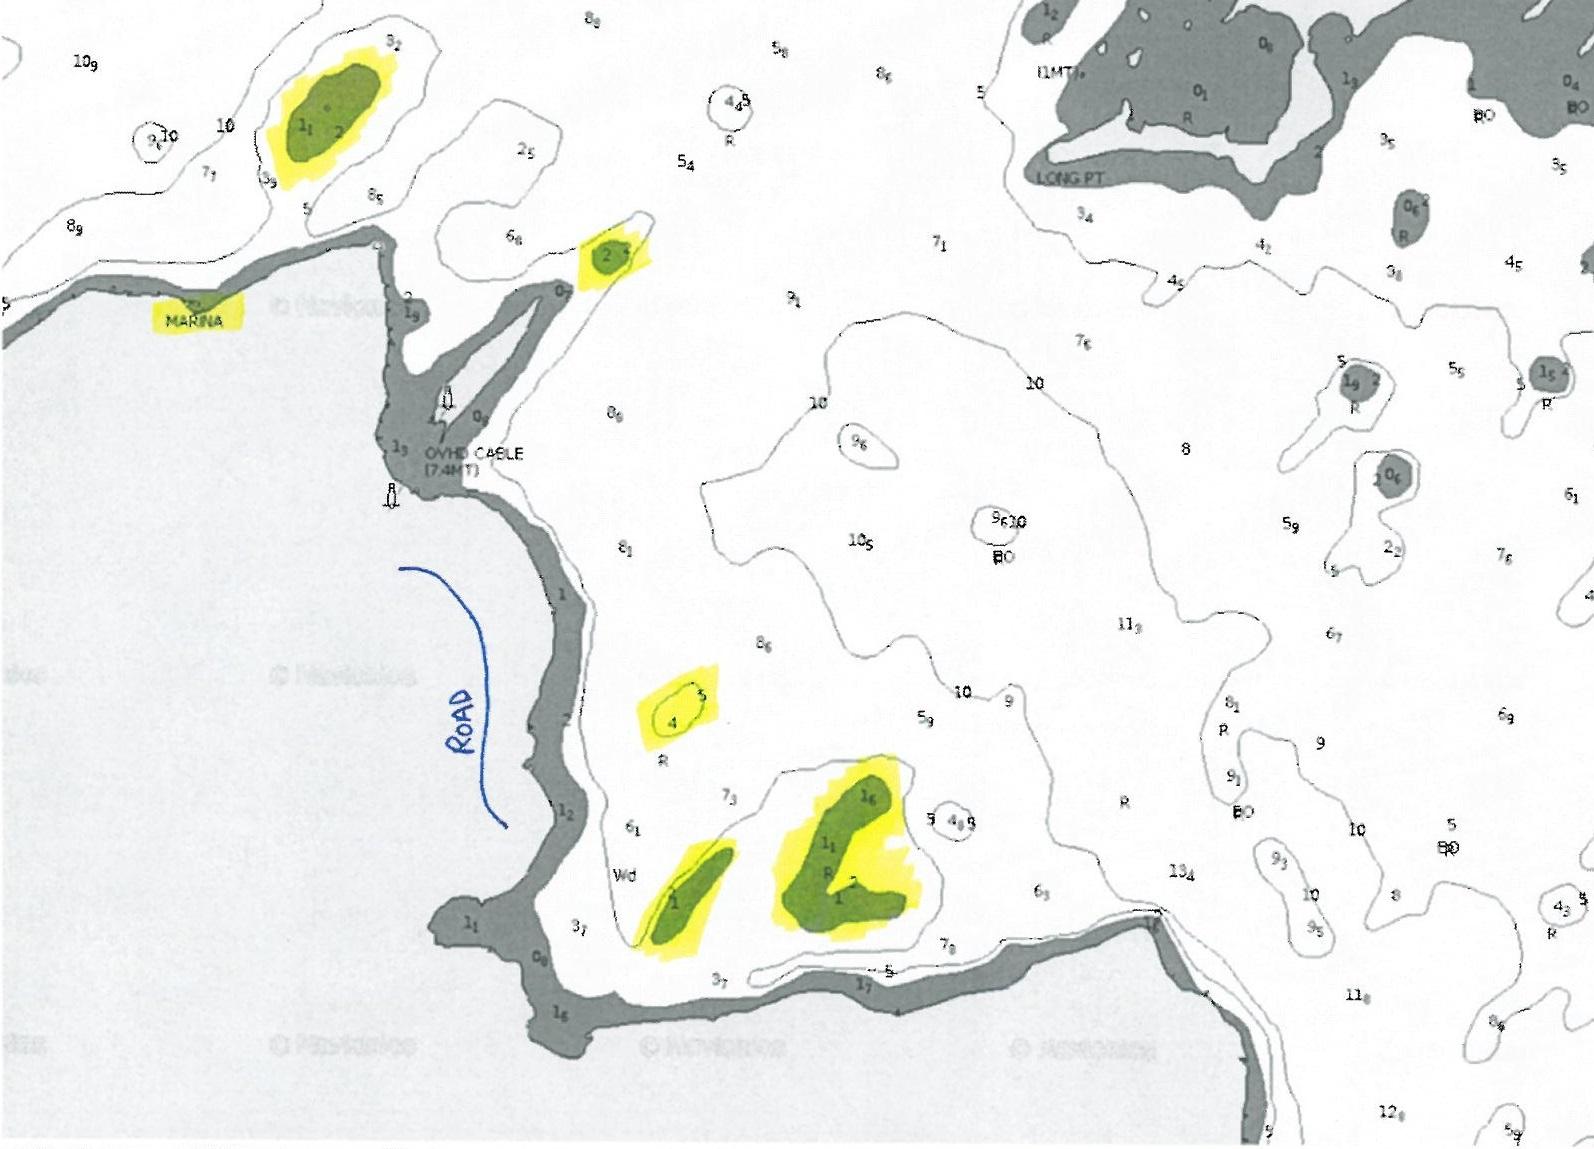 Navionics lake muskoka map lakemaster maps wyoming blm county lakemaster maps wyoming a tale of two fish lake manitou smallmouth greg cholkans biocorpaavc